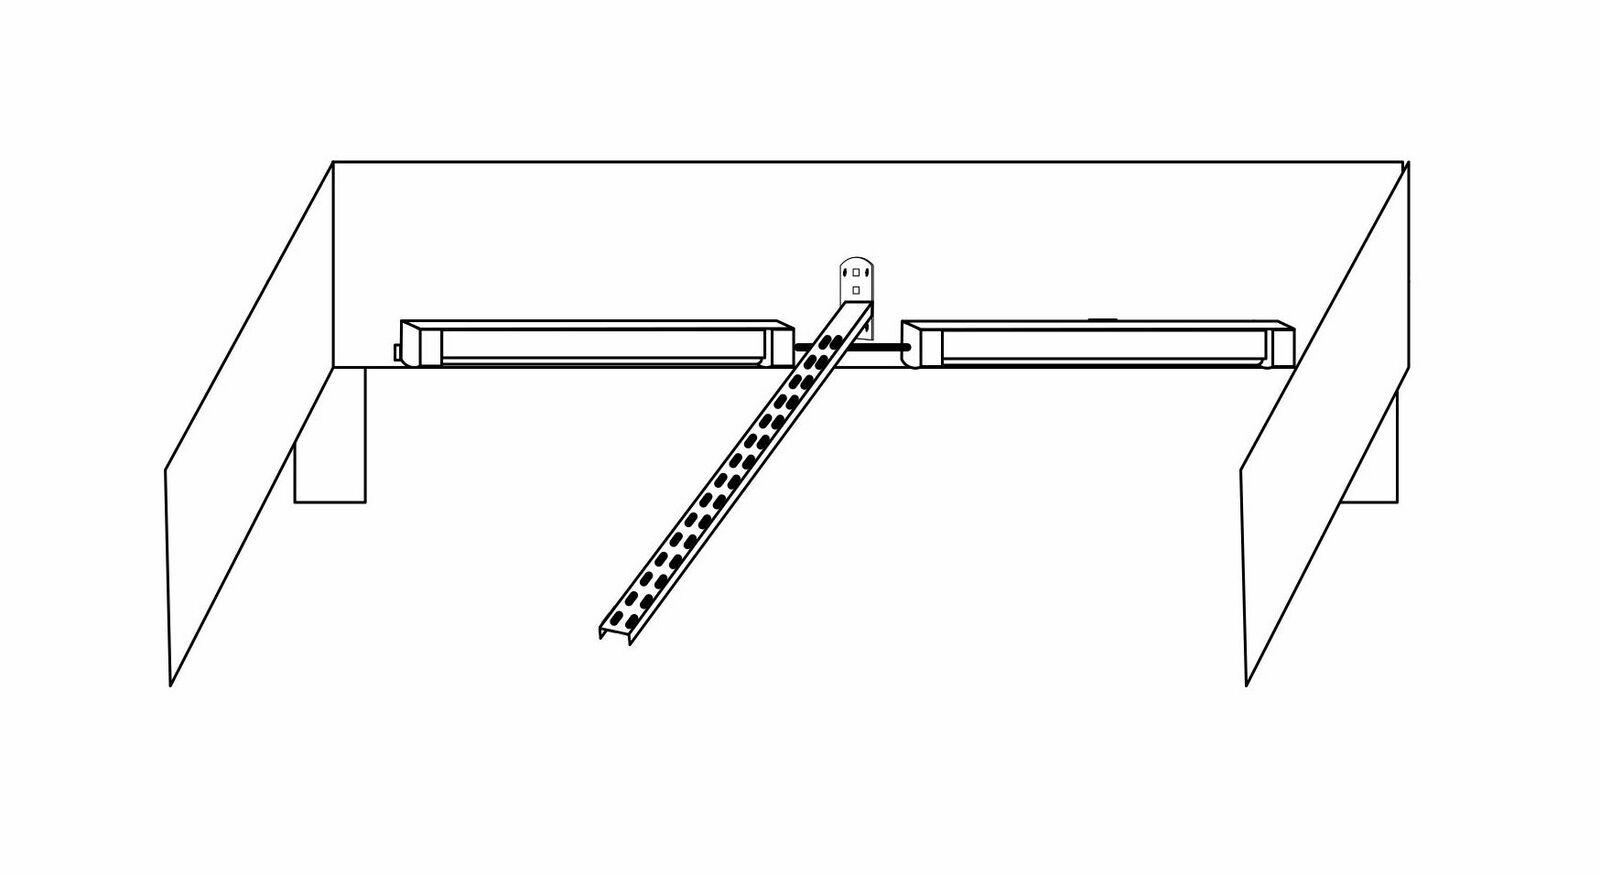 Grafik der zur Montage der Fußteilbeleuchtung des Bettes